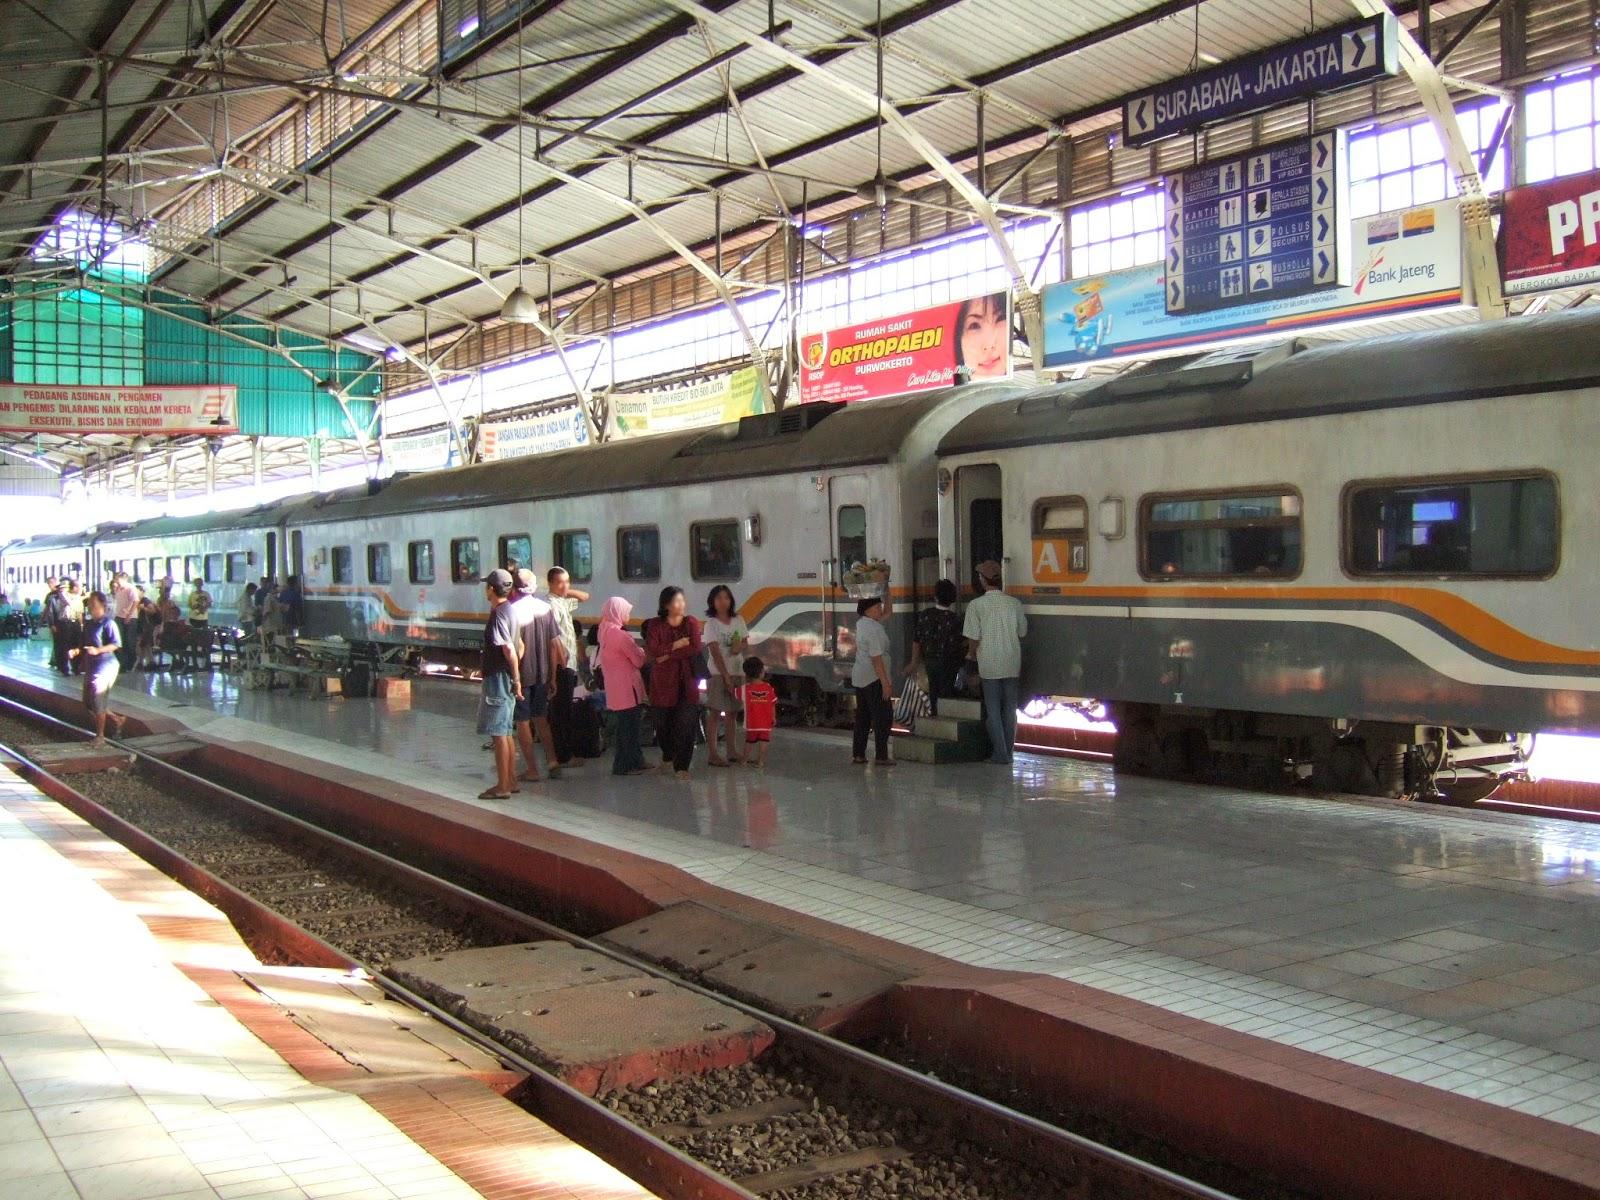 Informasi Jadwal dan Harga Tiket Kereta Api Jakarta - Purwokerto